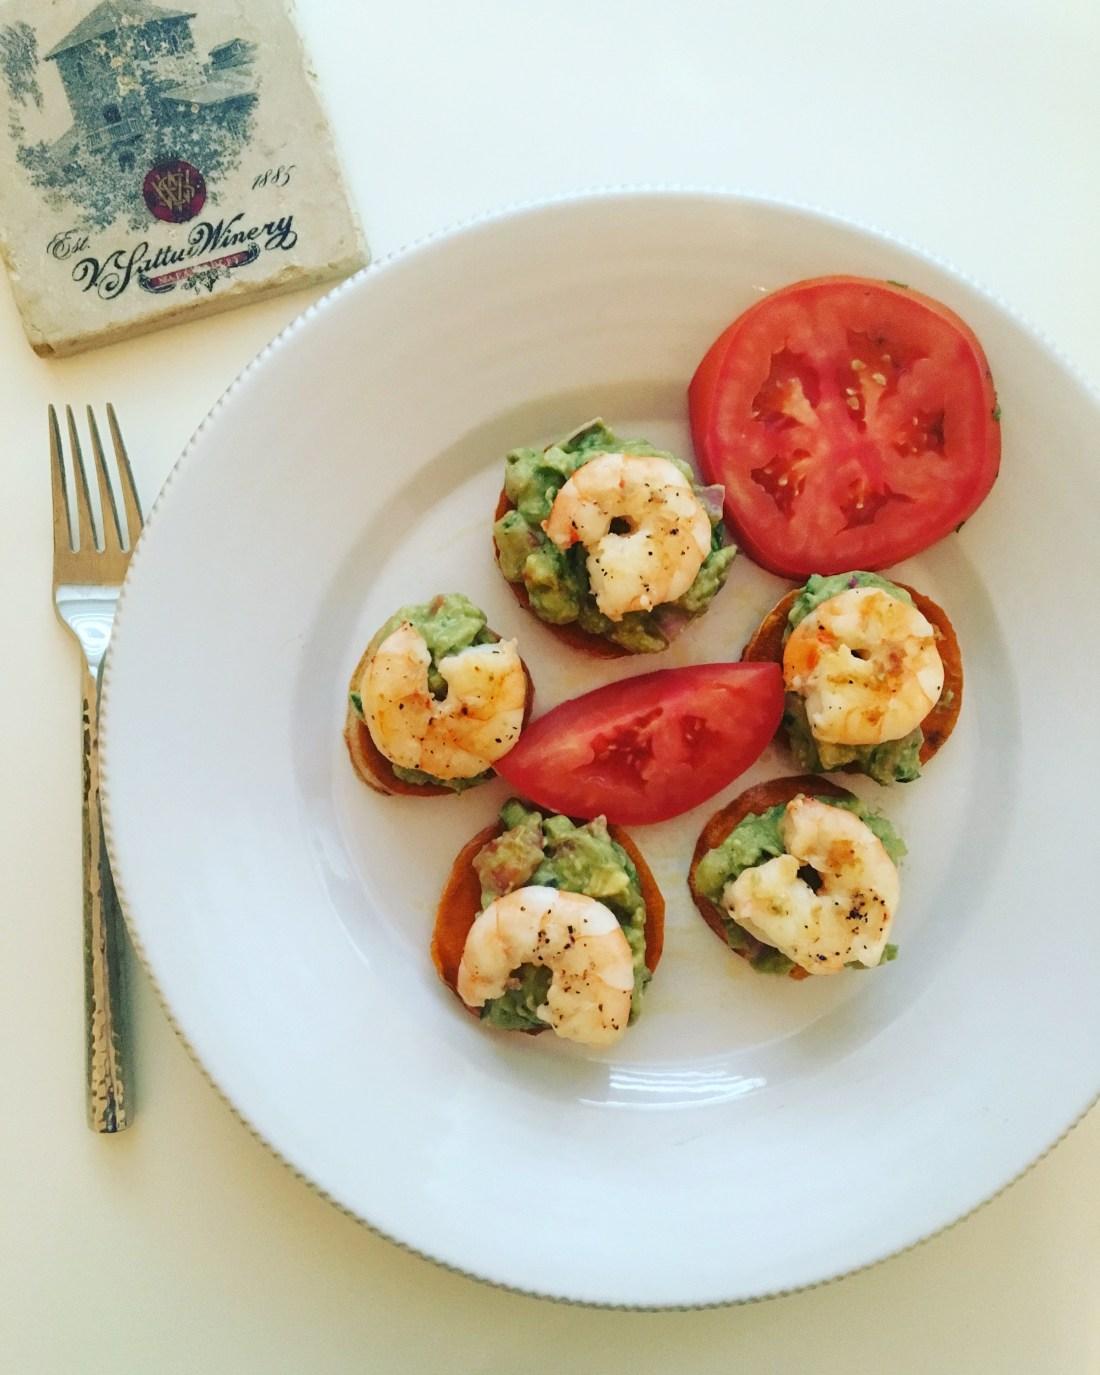 Lent Meal Ideas - #lent #seafood #dinnerrecipe